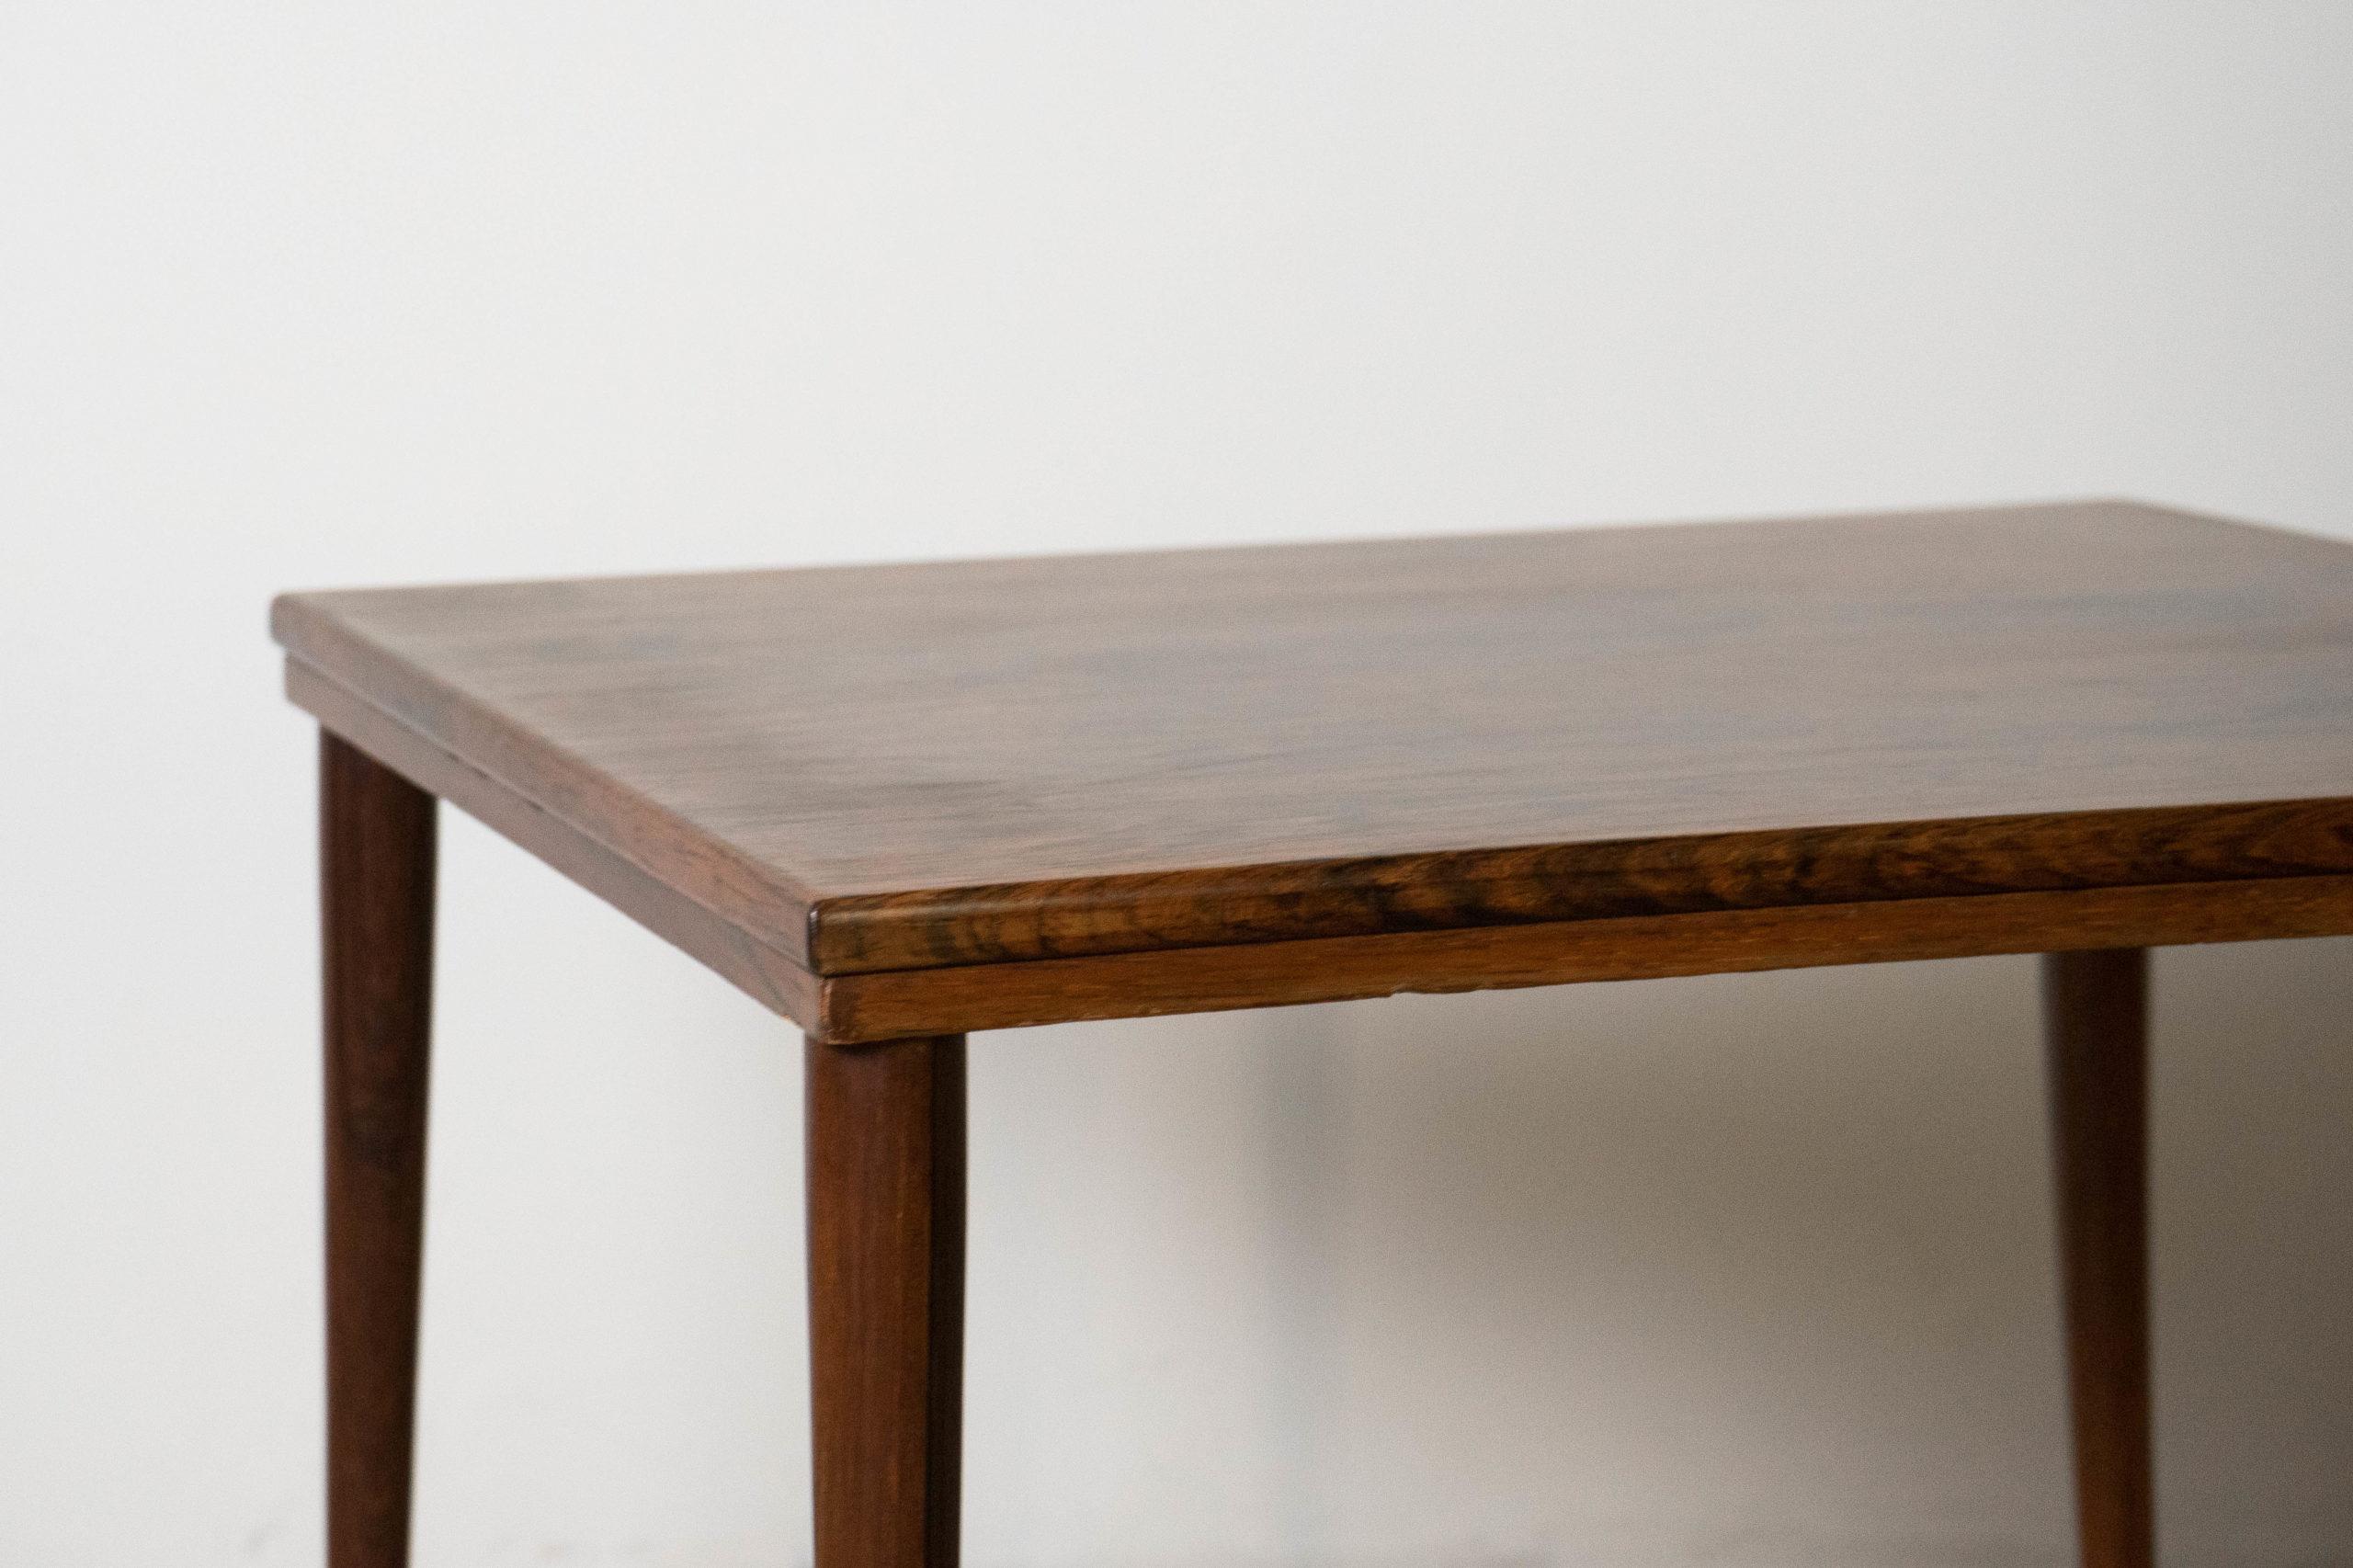 mesa cuadrada de madera detalle de canto